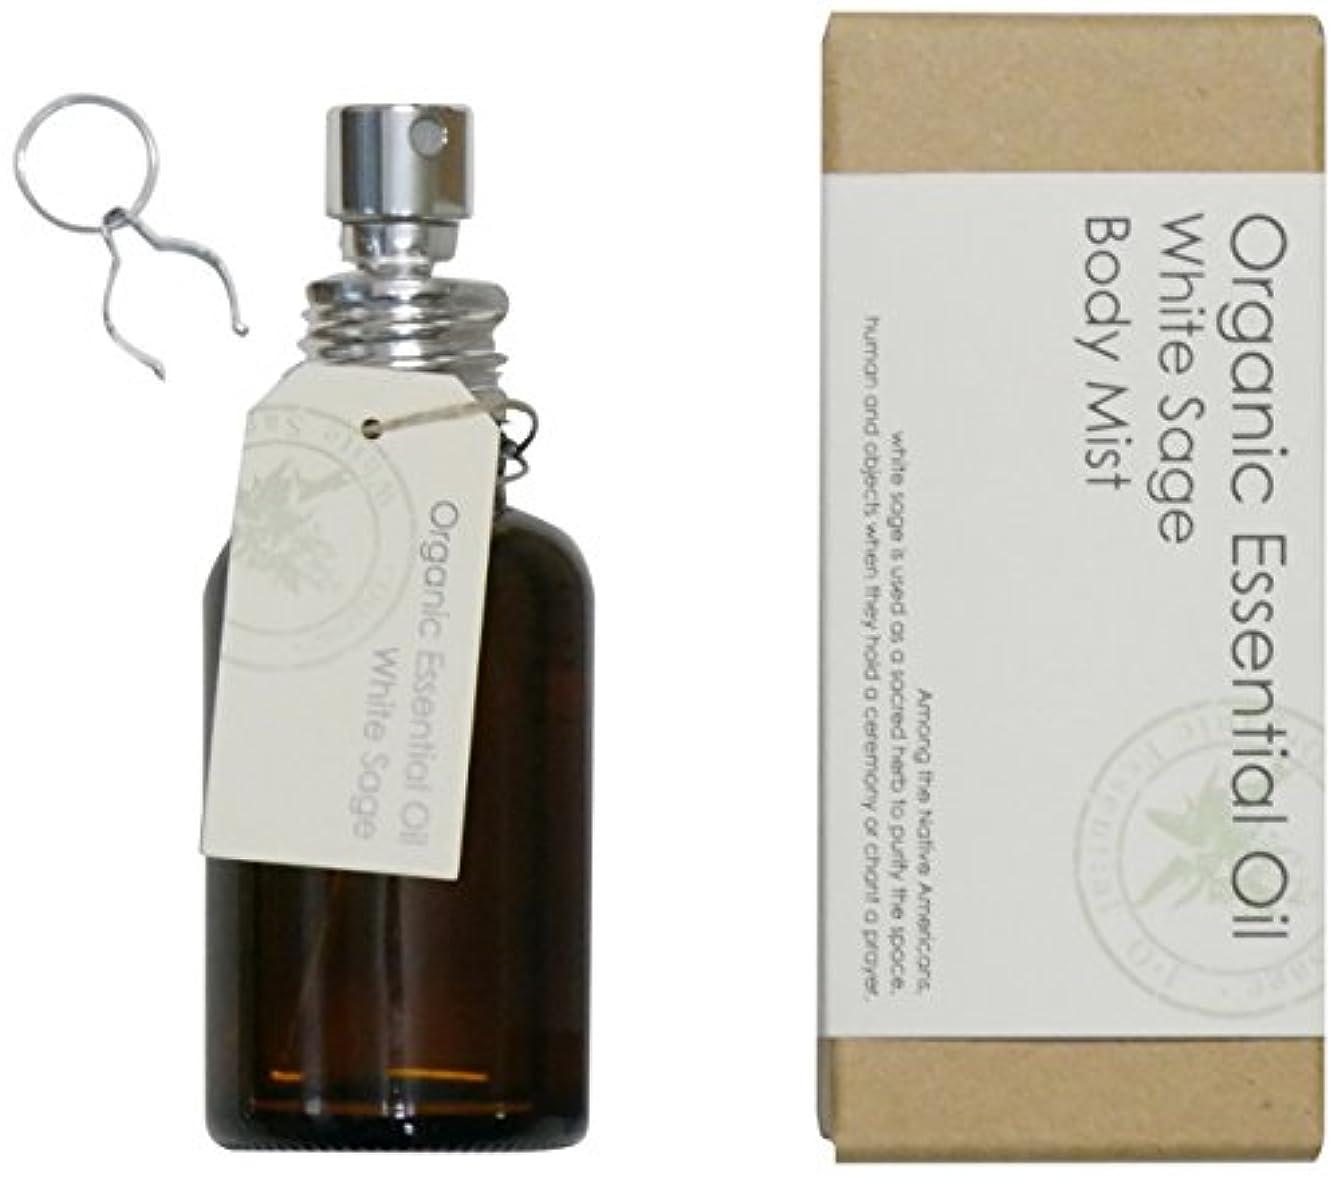 炭素設置イーウェルアロマレコルト ボディミスト ホワイトセージ 【White Sage】オーガニック エッセンシャルオイル organic essential oil natural body mist arome recolte